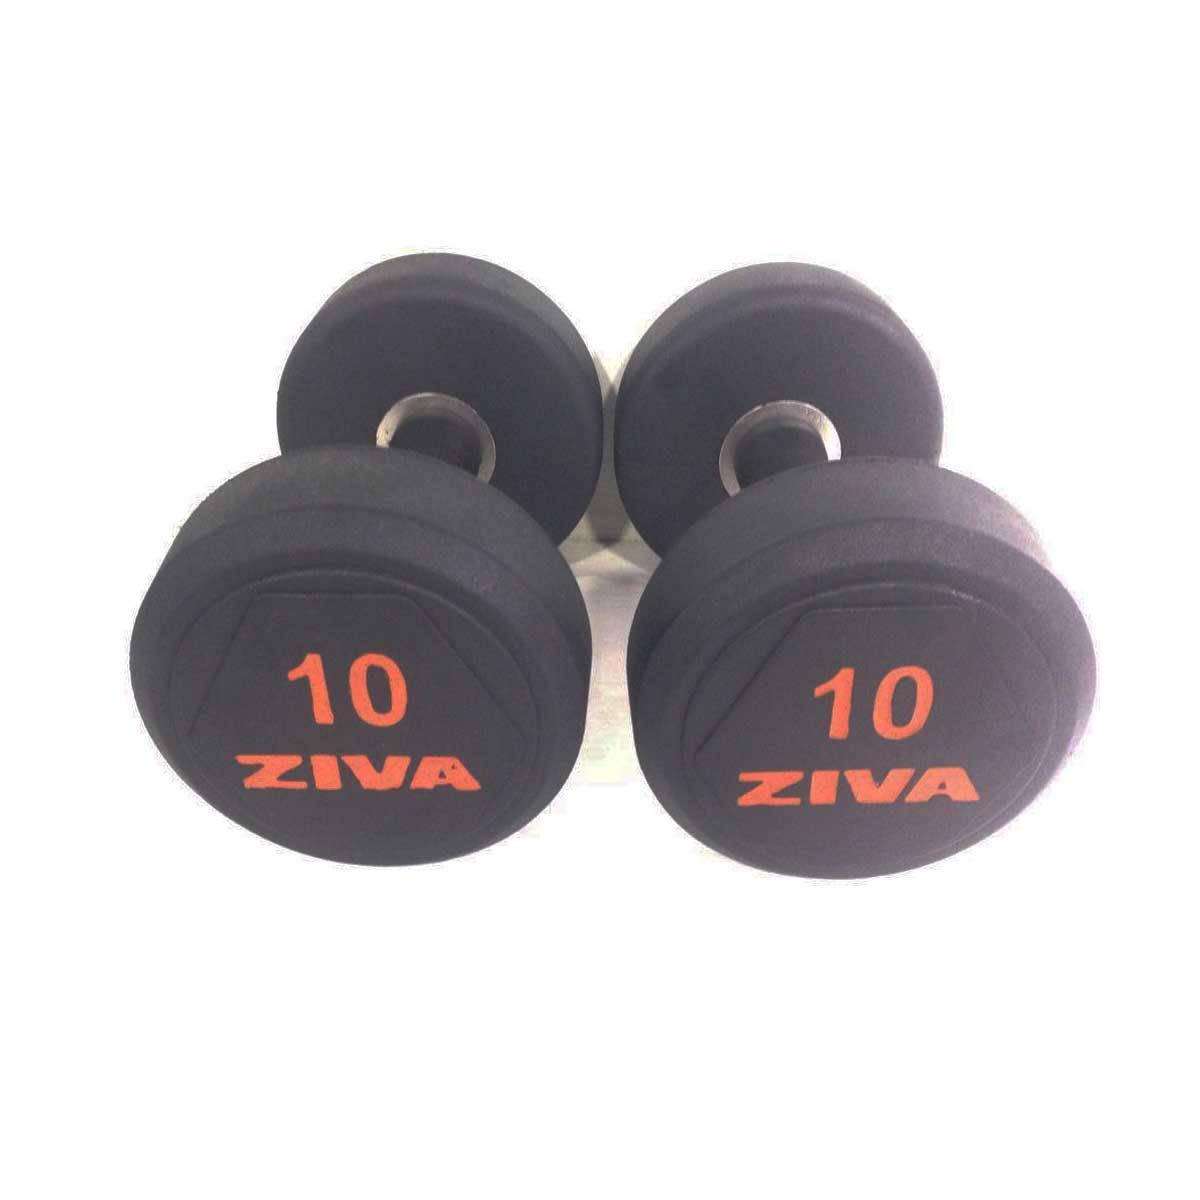 Buy Ziva Sl Solid Steel Rubber Dumbbell Set Online India